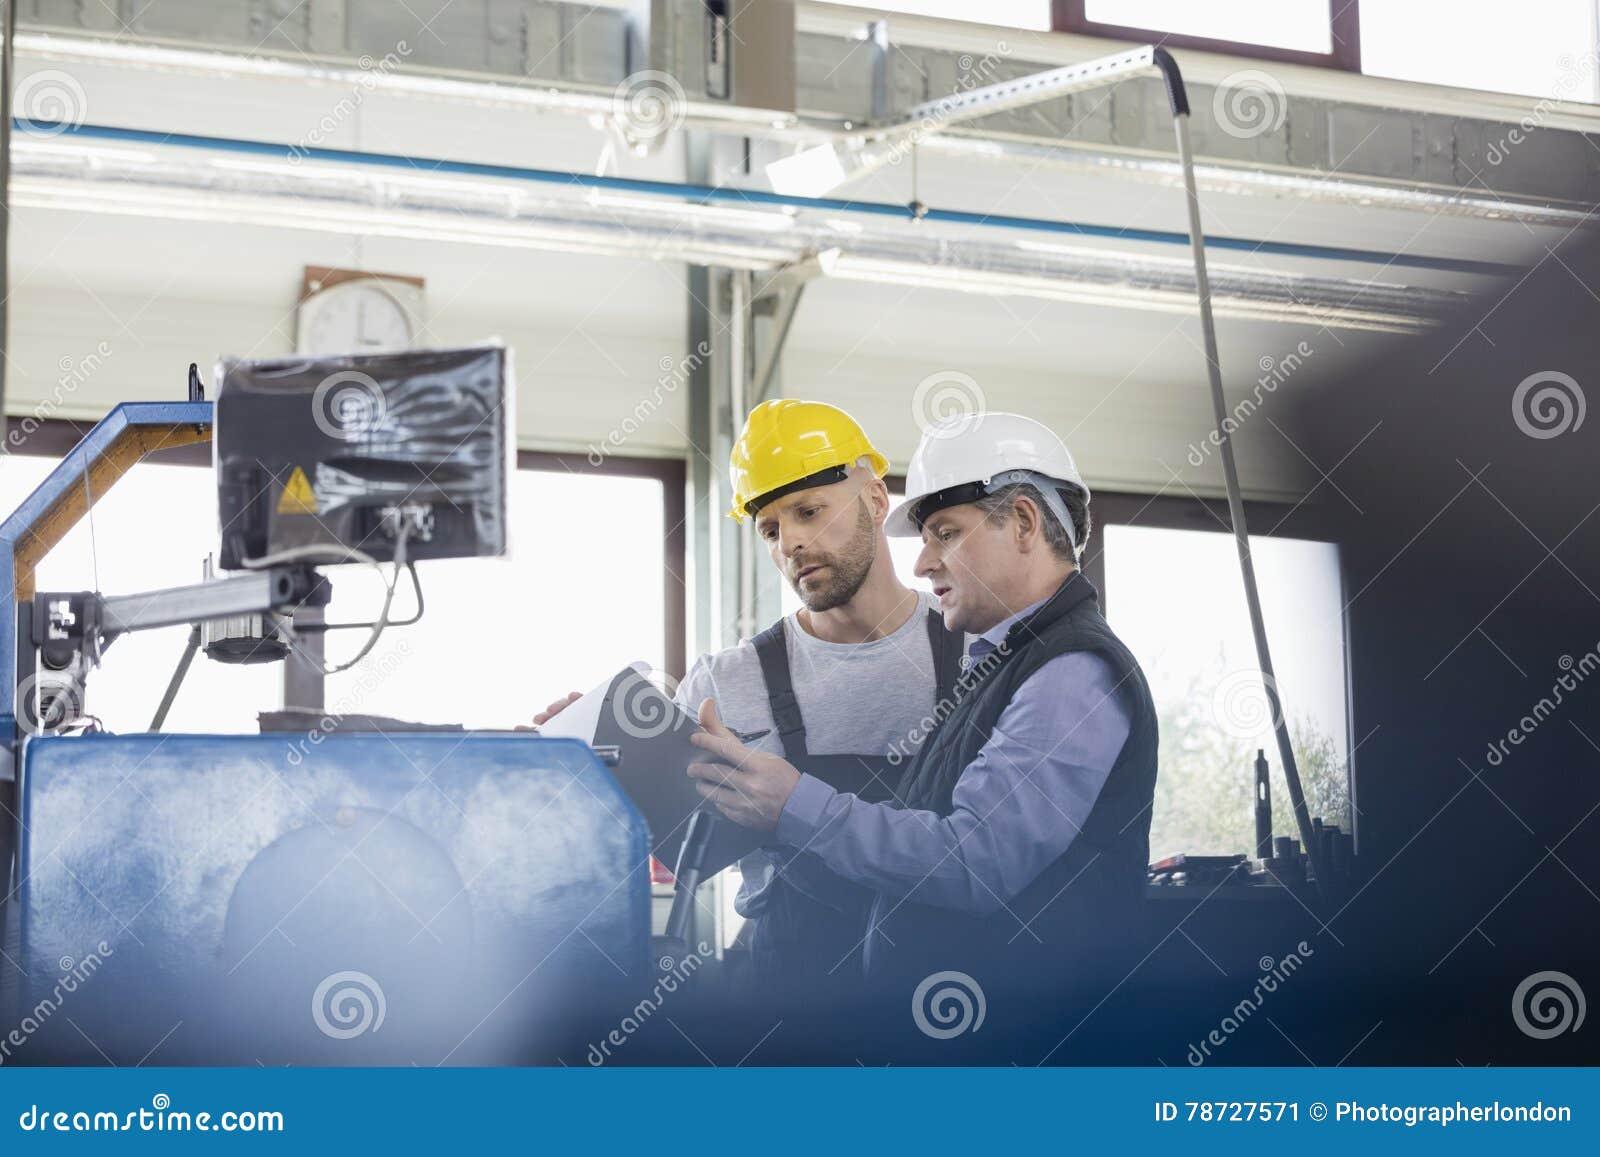 Manliga manuella arbetare som fungerar maskineri på metallbransch